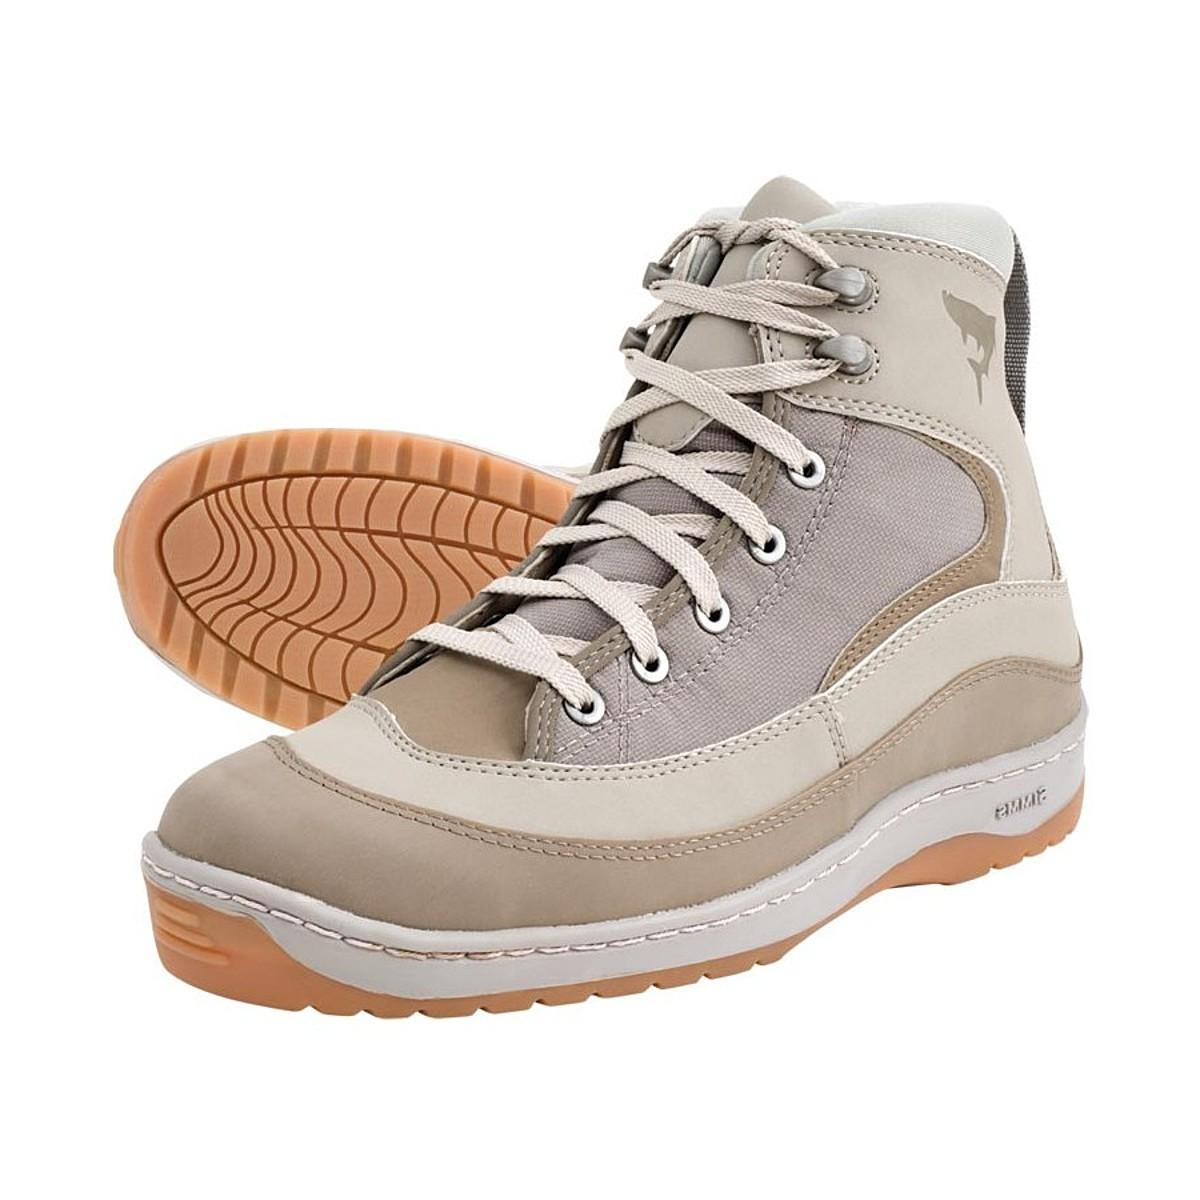 Simms Flats Sneaker - Men's